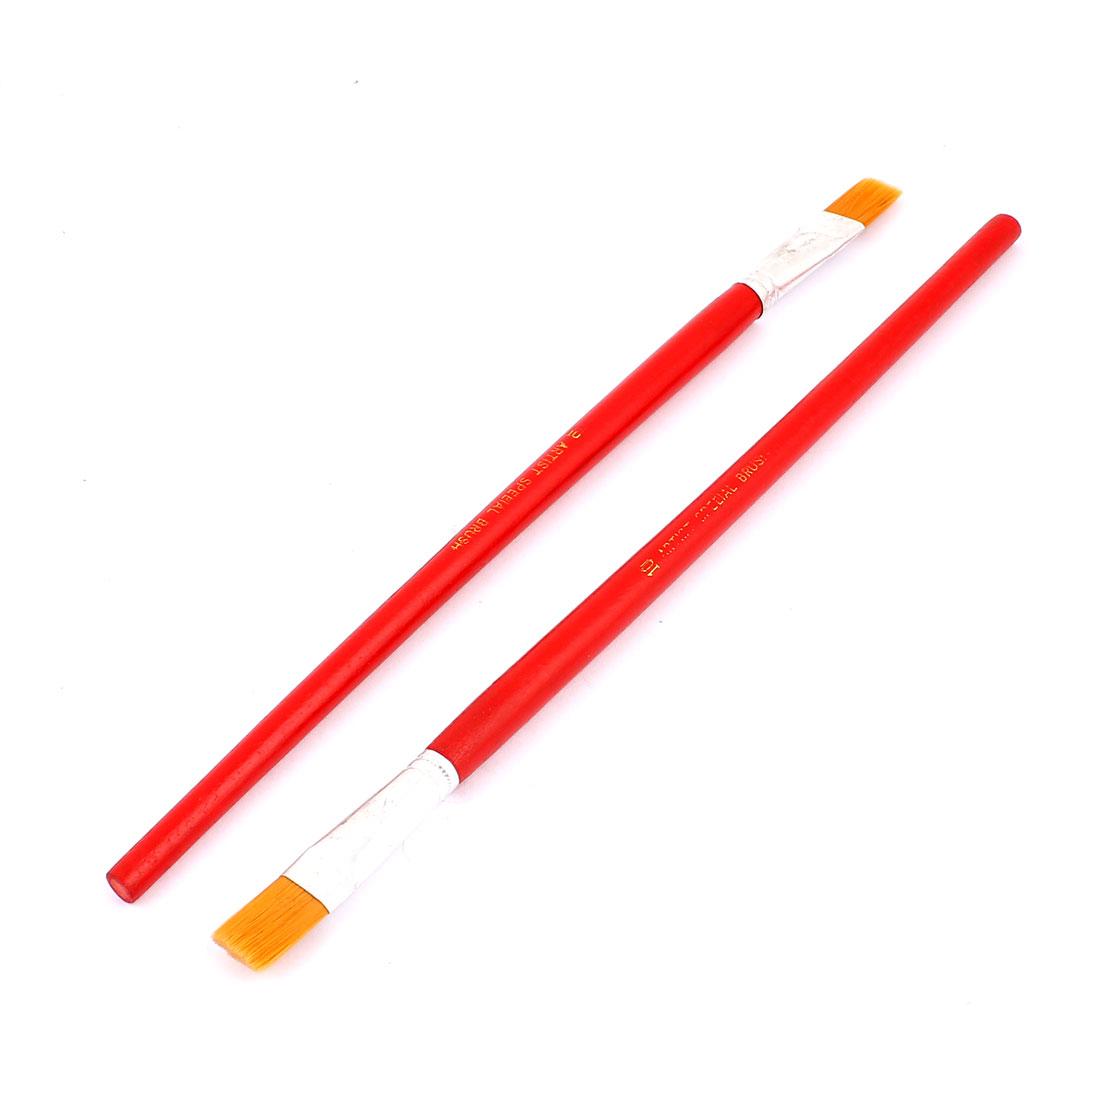 Red Wooden Shaft Faux Fur Bristle Artist Art Oil Painting Paint Brush 2pcs